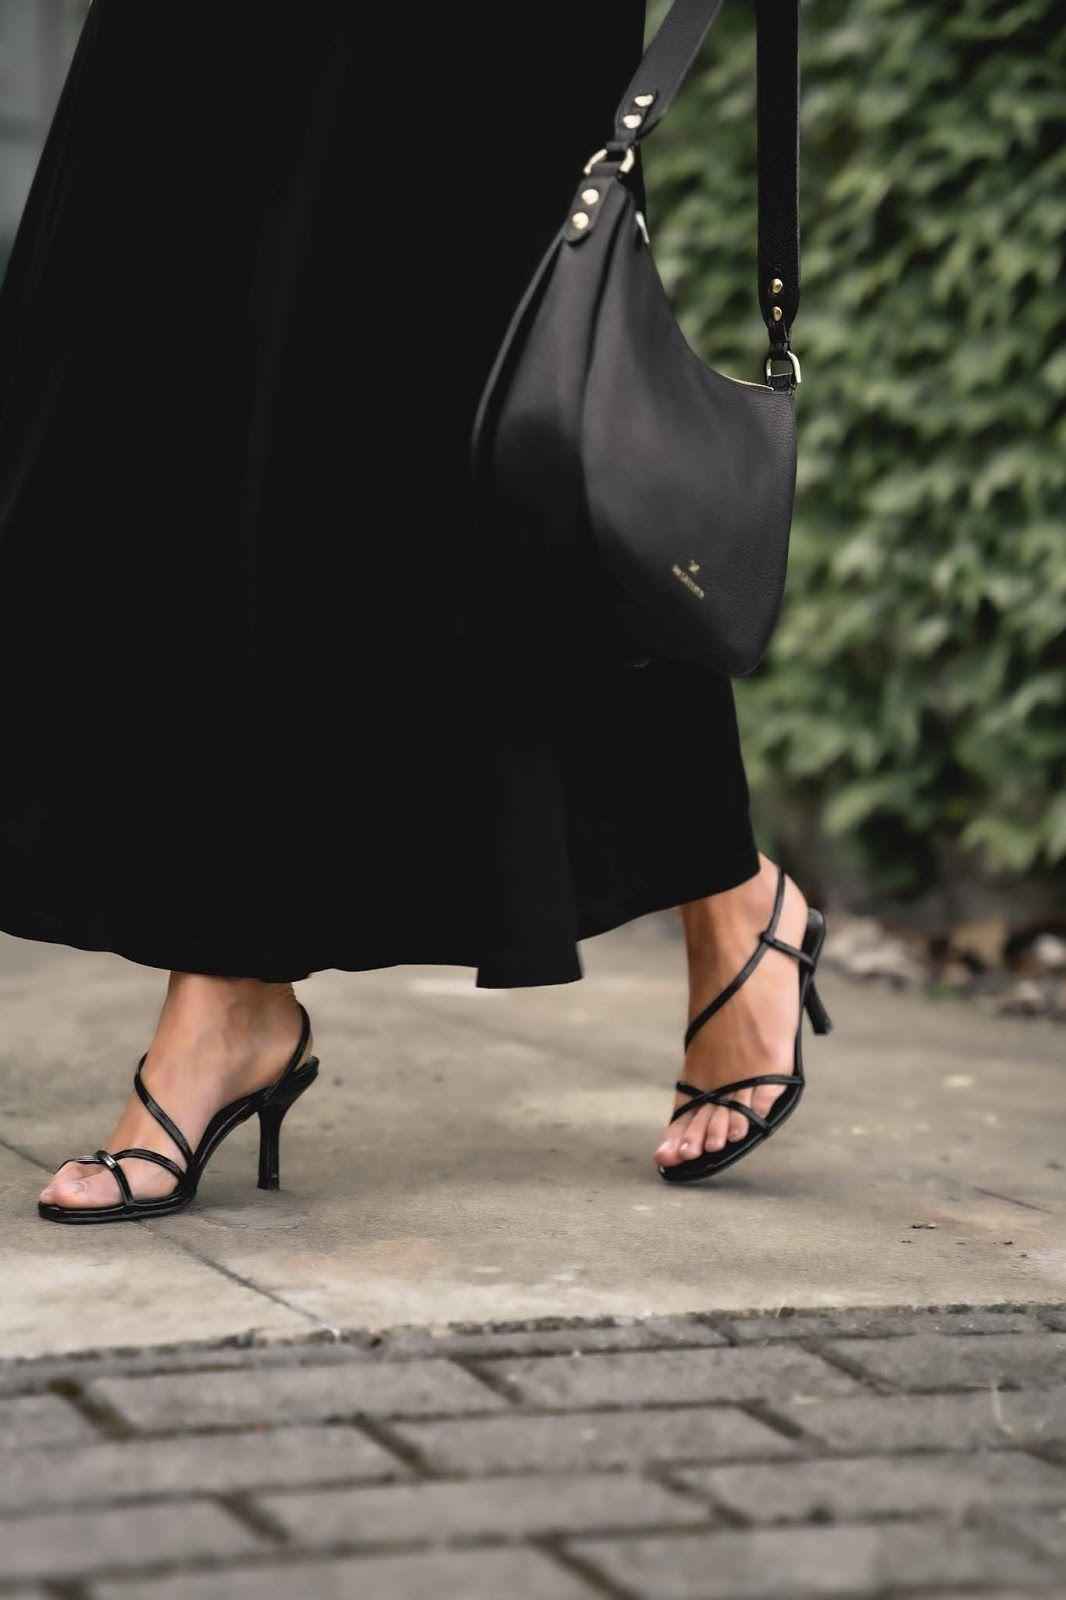 Kiedy Klasyczny Kobiecy Styl Idzie W Parze Z Wygoda Wiosenny Total Black Look In 2020 Influencers Fashion High End Fashion Street Style